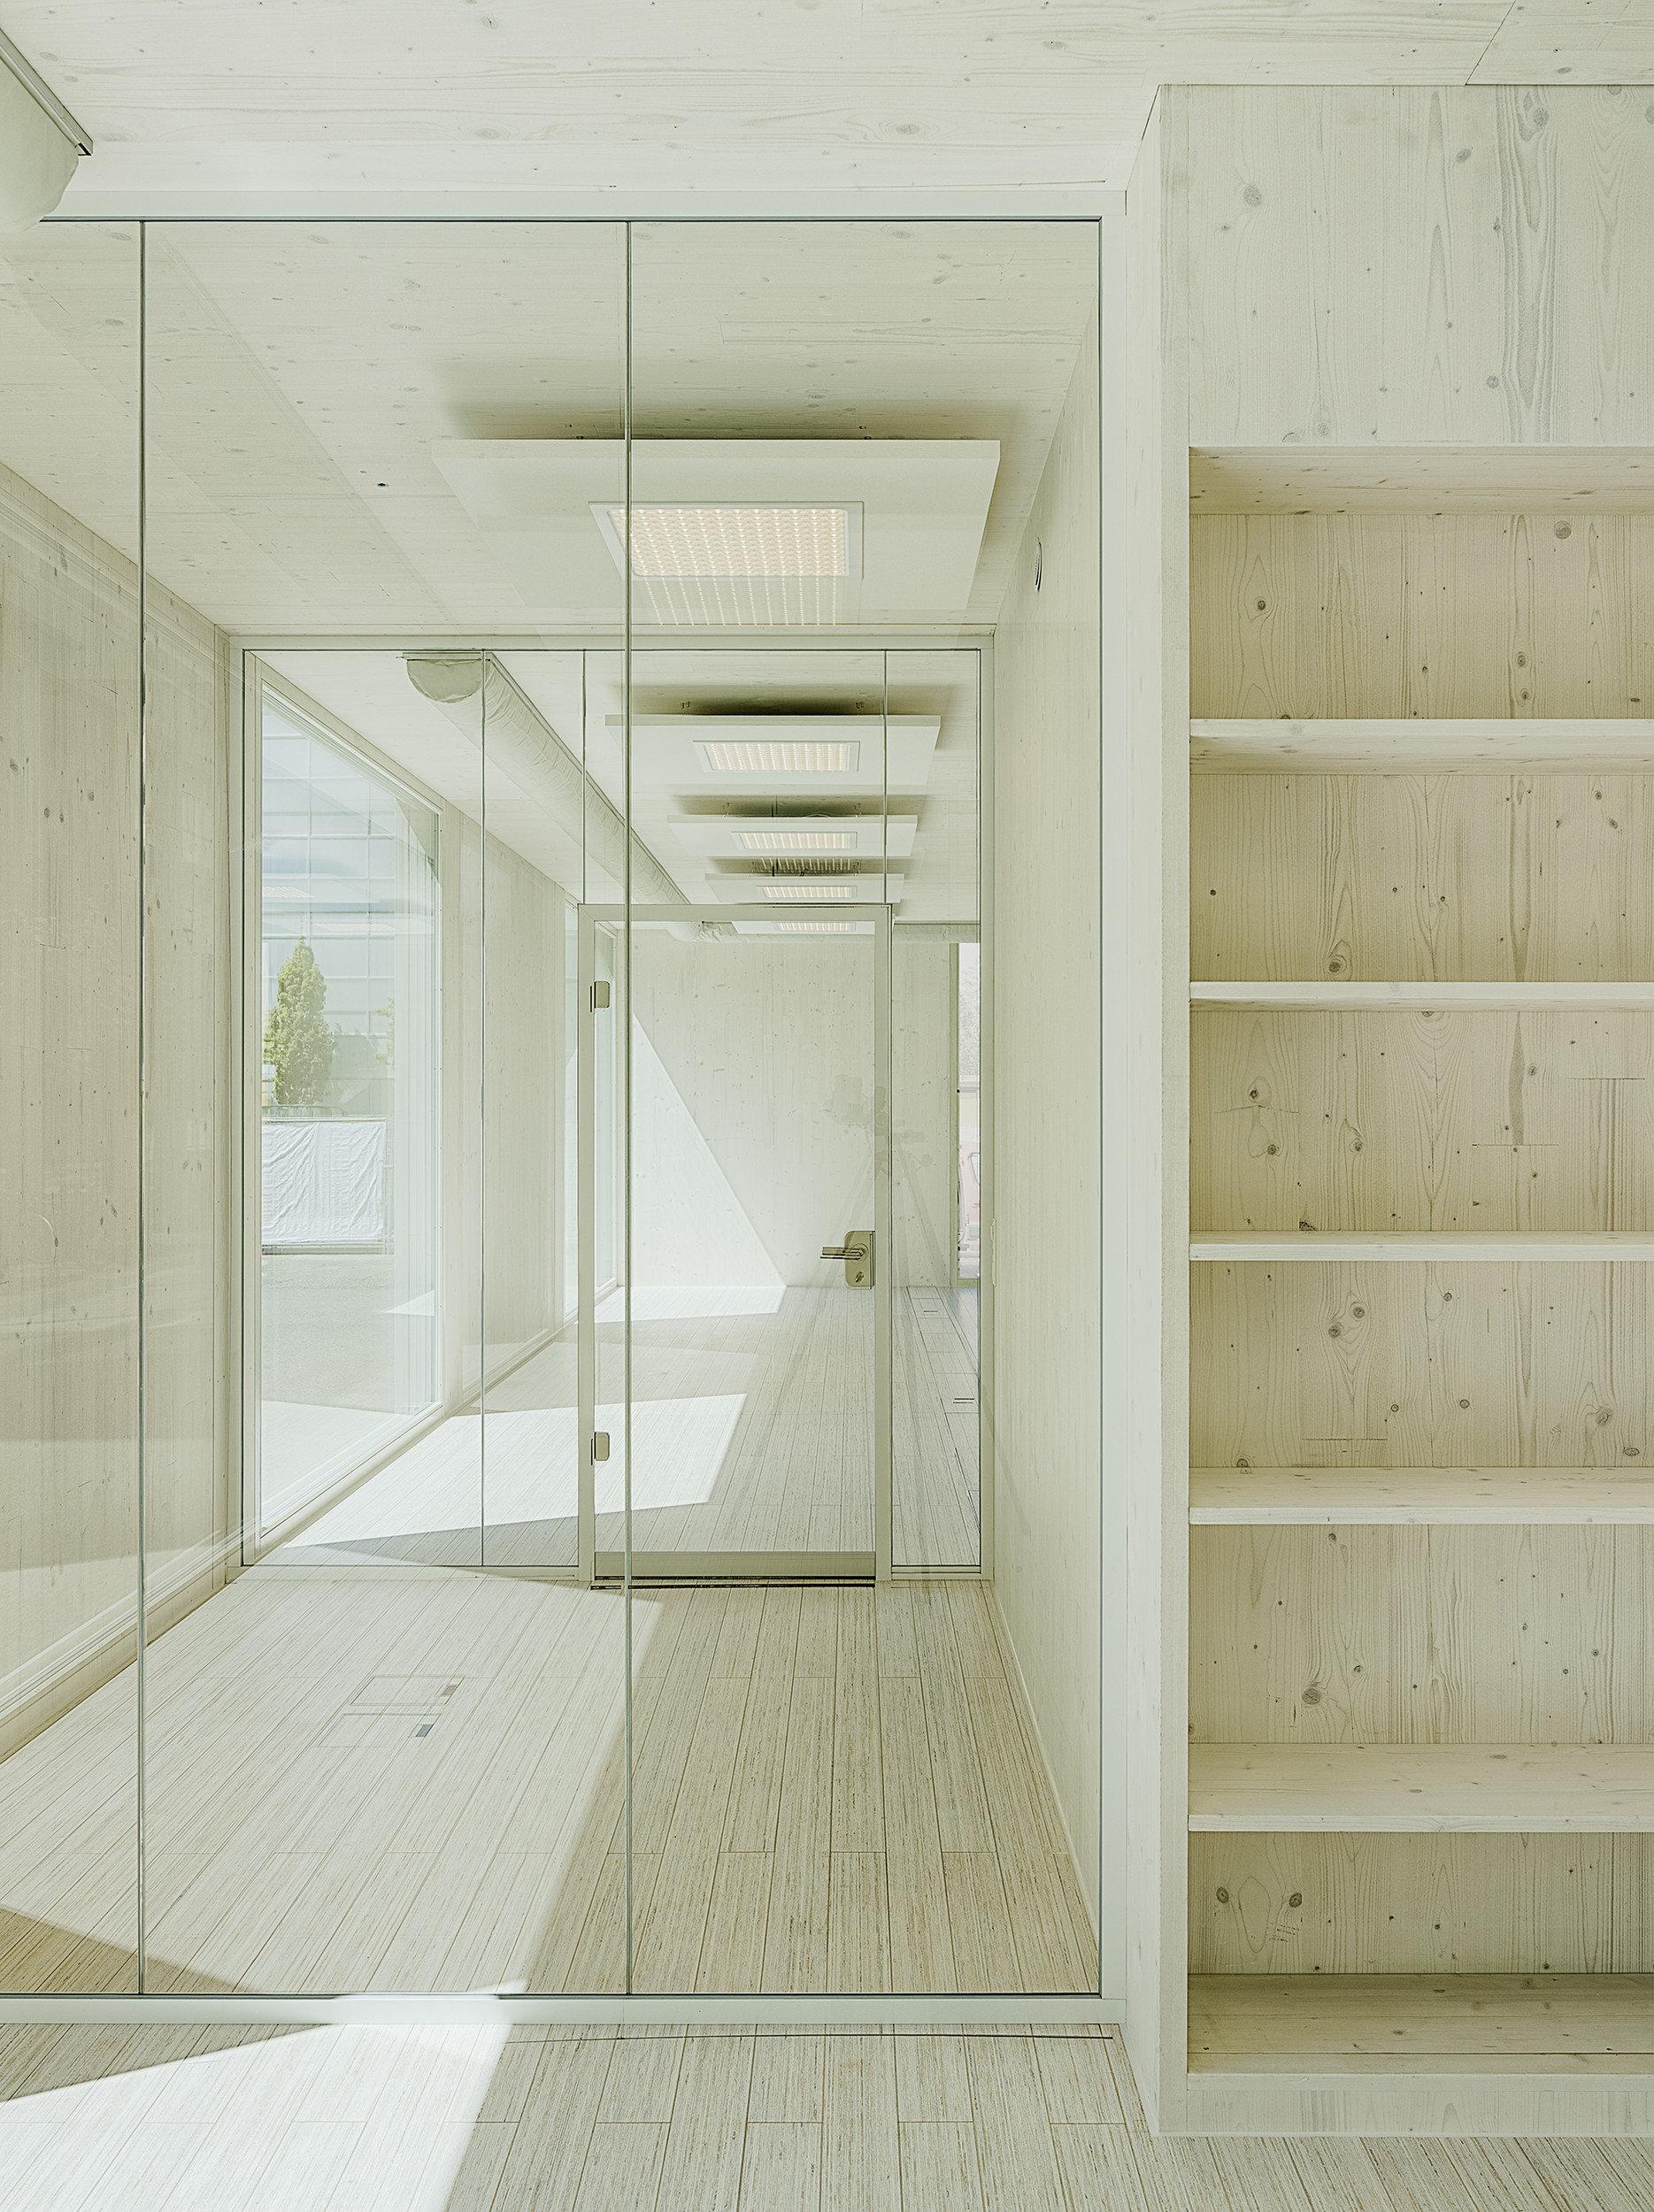 Regal aus Massivholz neben Festverglasung mit dahinterliegender 3m hohen Glastür